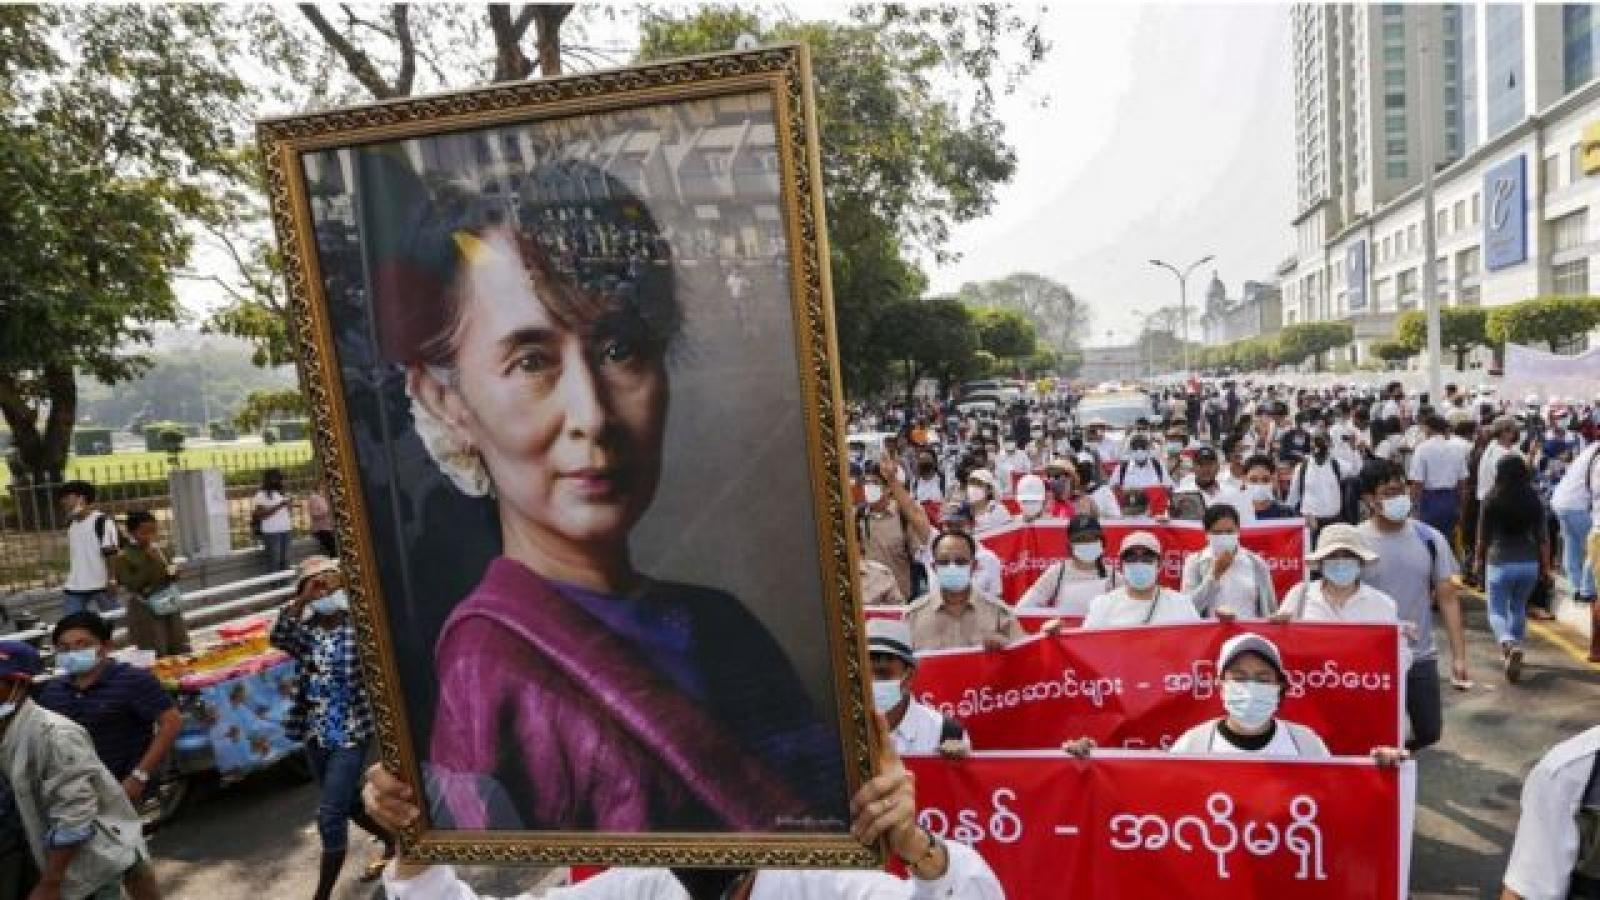 Biểu tình tiếp diễn tại Myanmar, bà San Suu Kyi bị cáo buộc thêm 2 tội danh mới